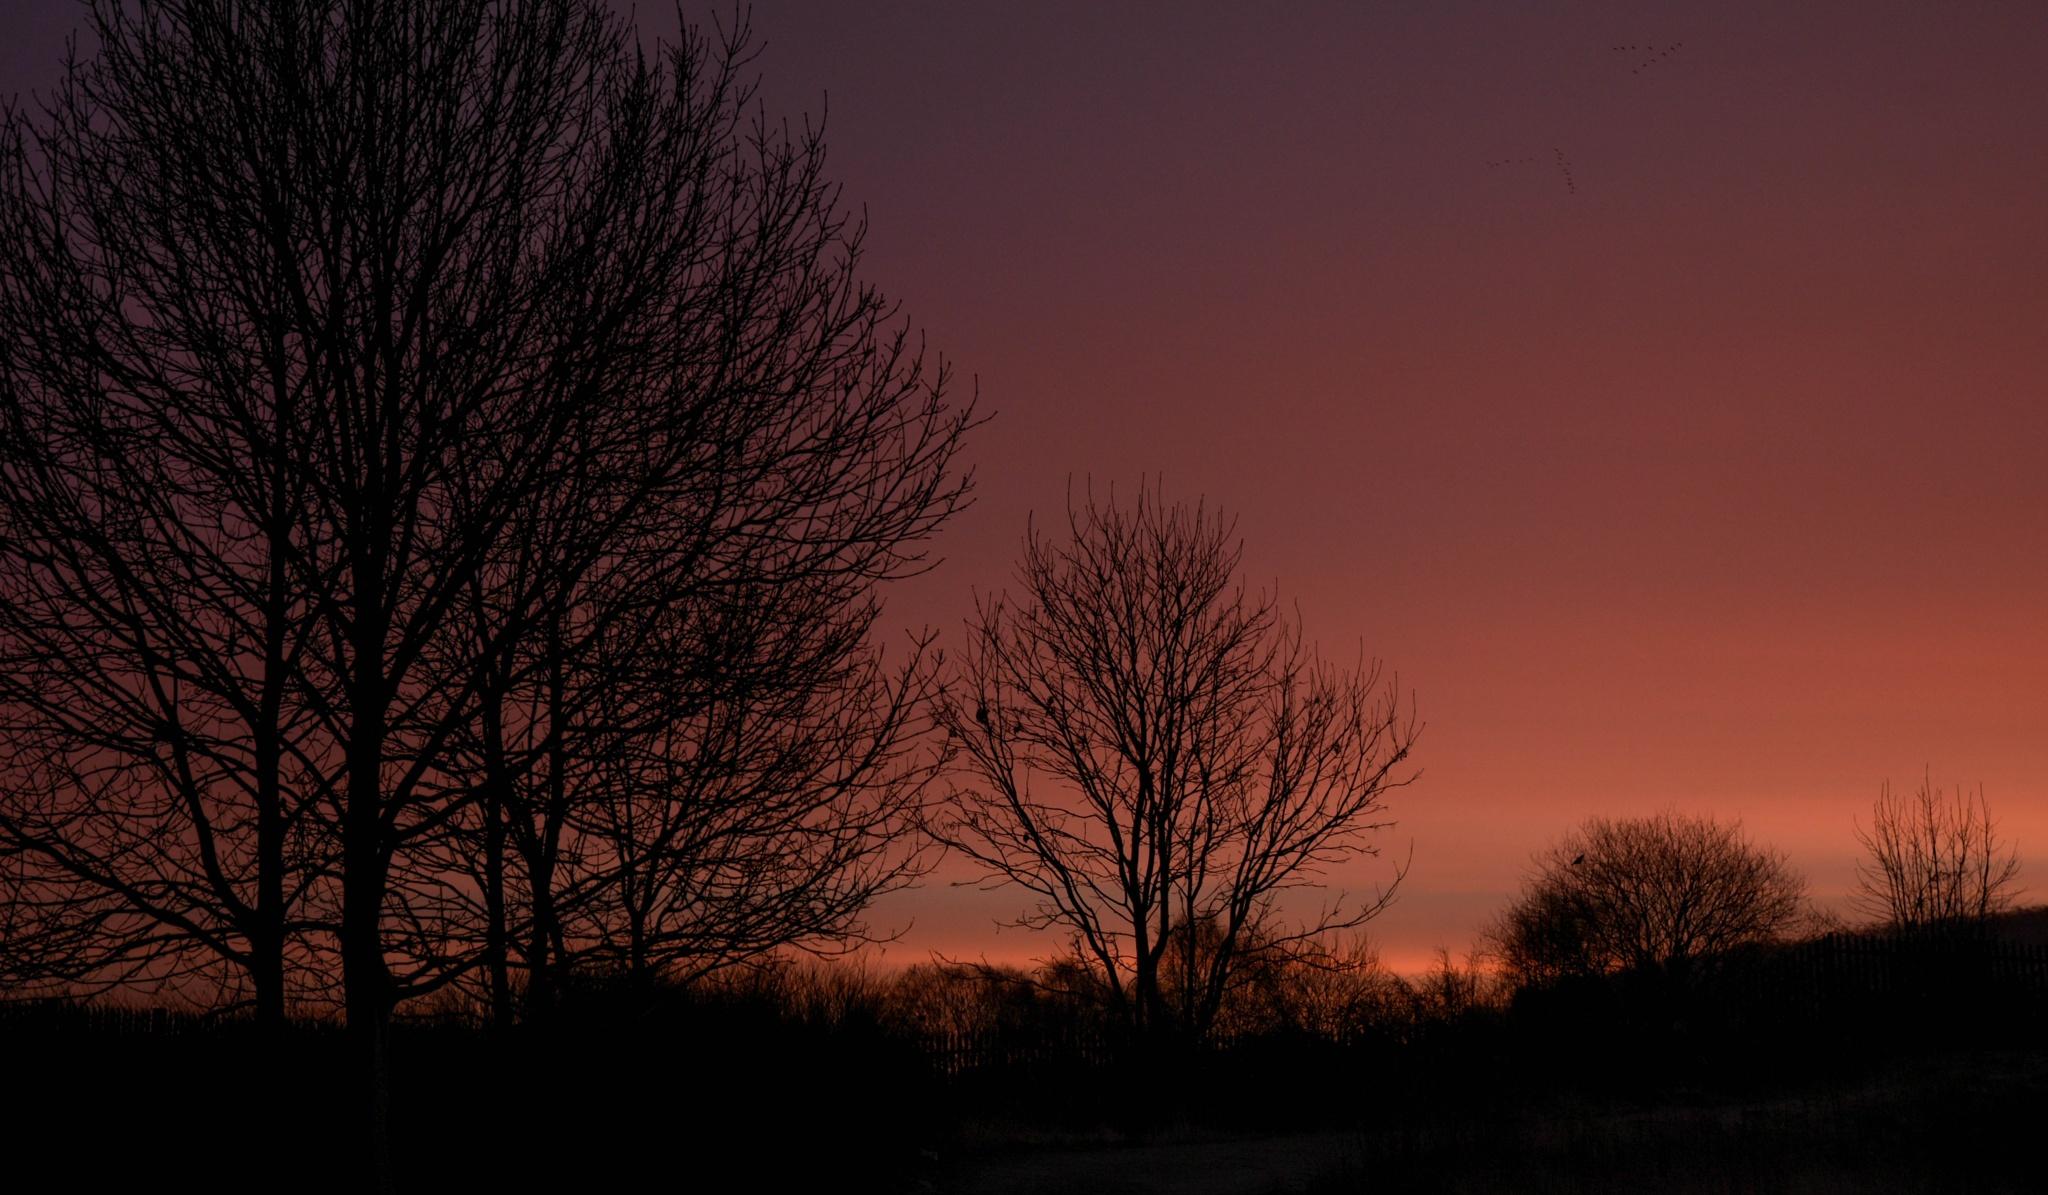 Sunrise by Steve Bradley